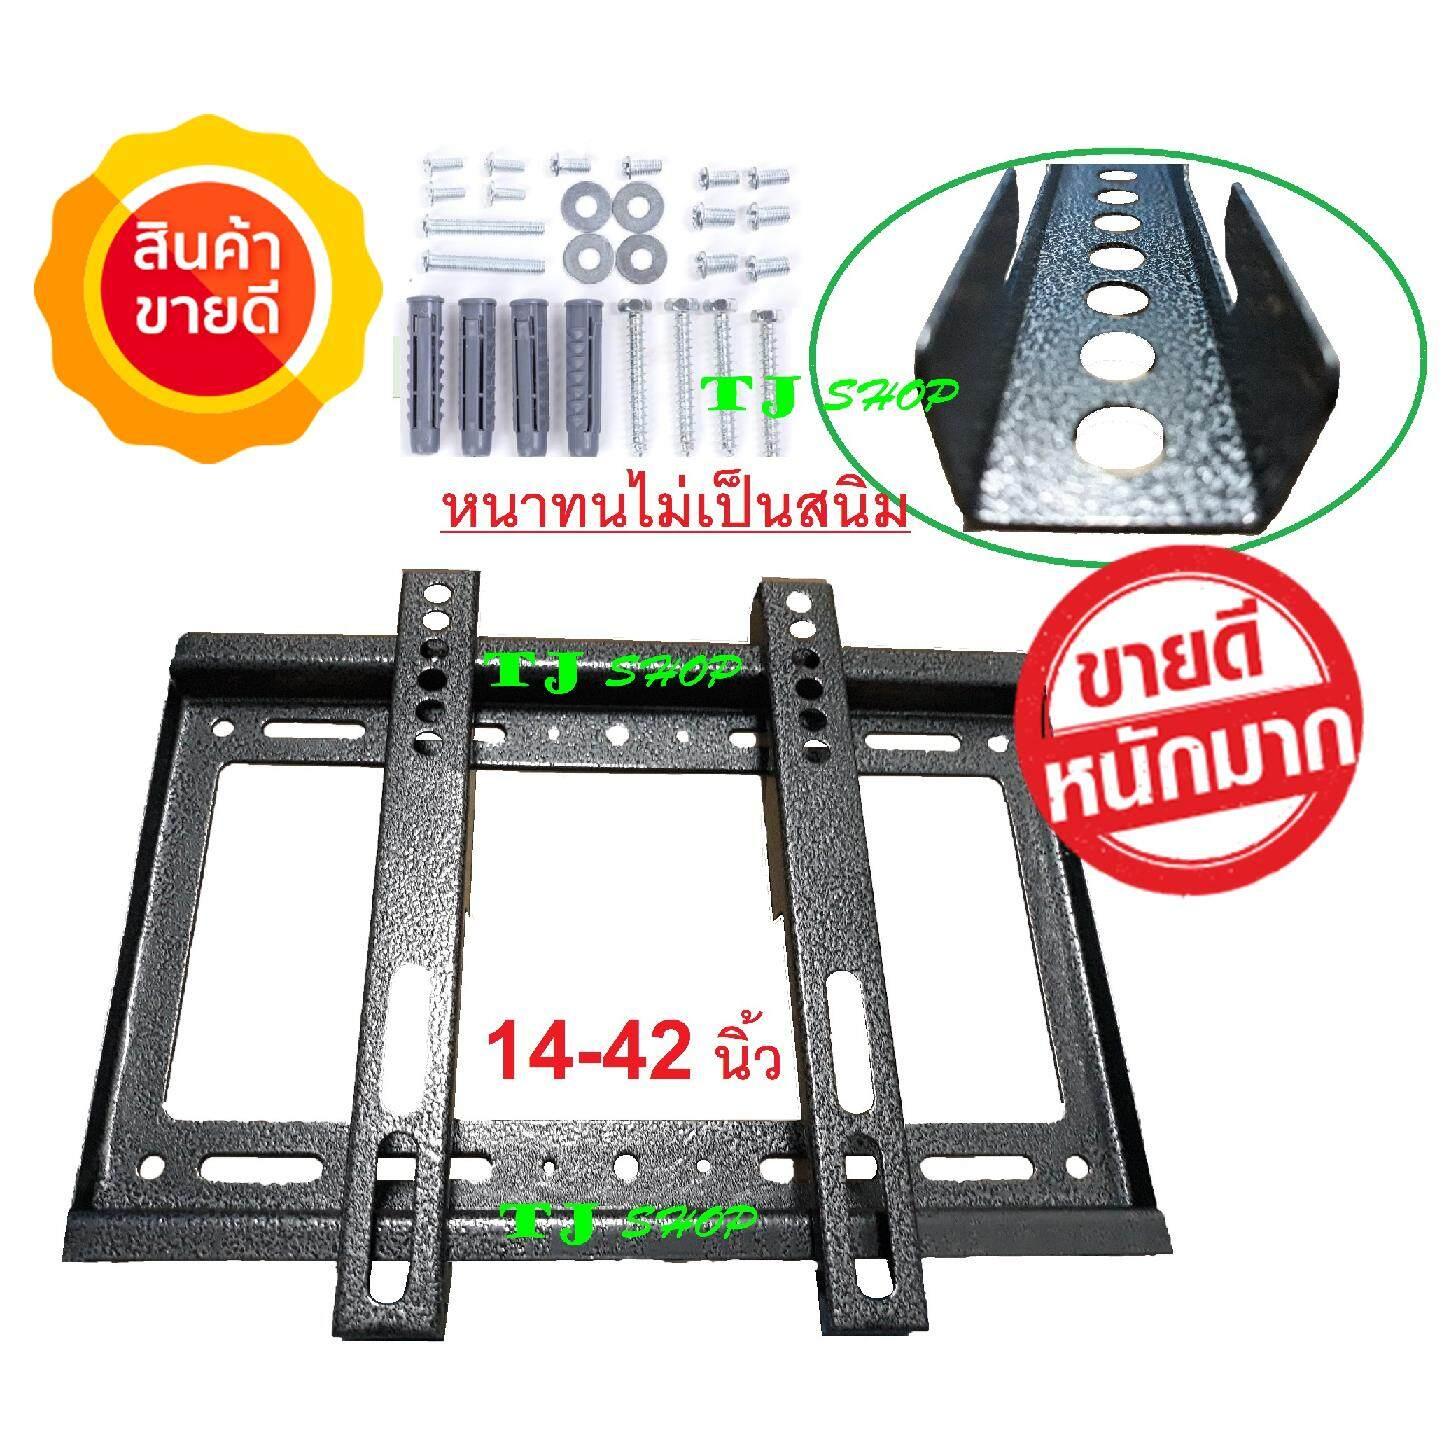 ขาแขวน TV สำหรับติดผนัง LED / LCD / PLASMA